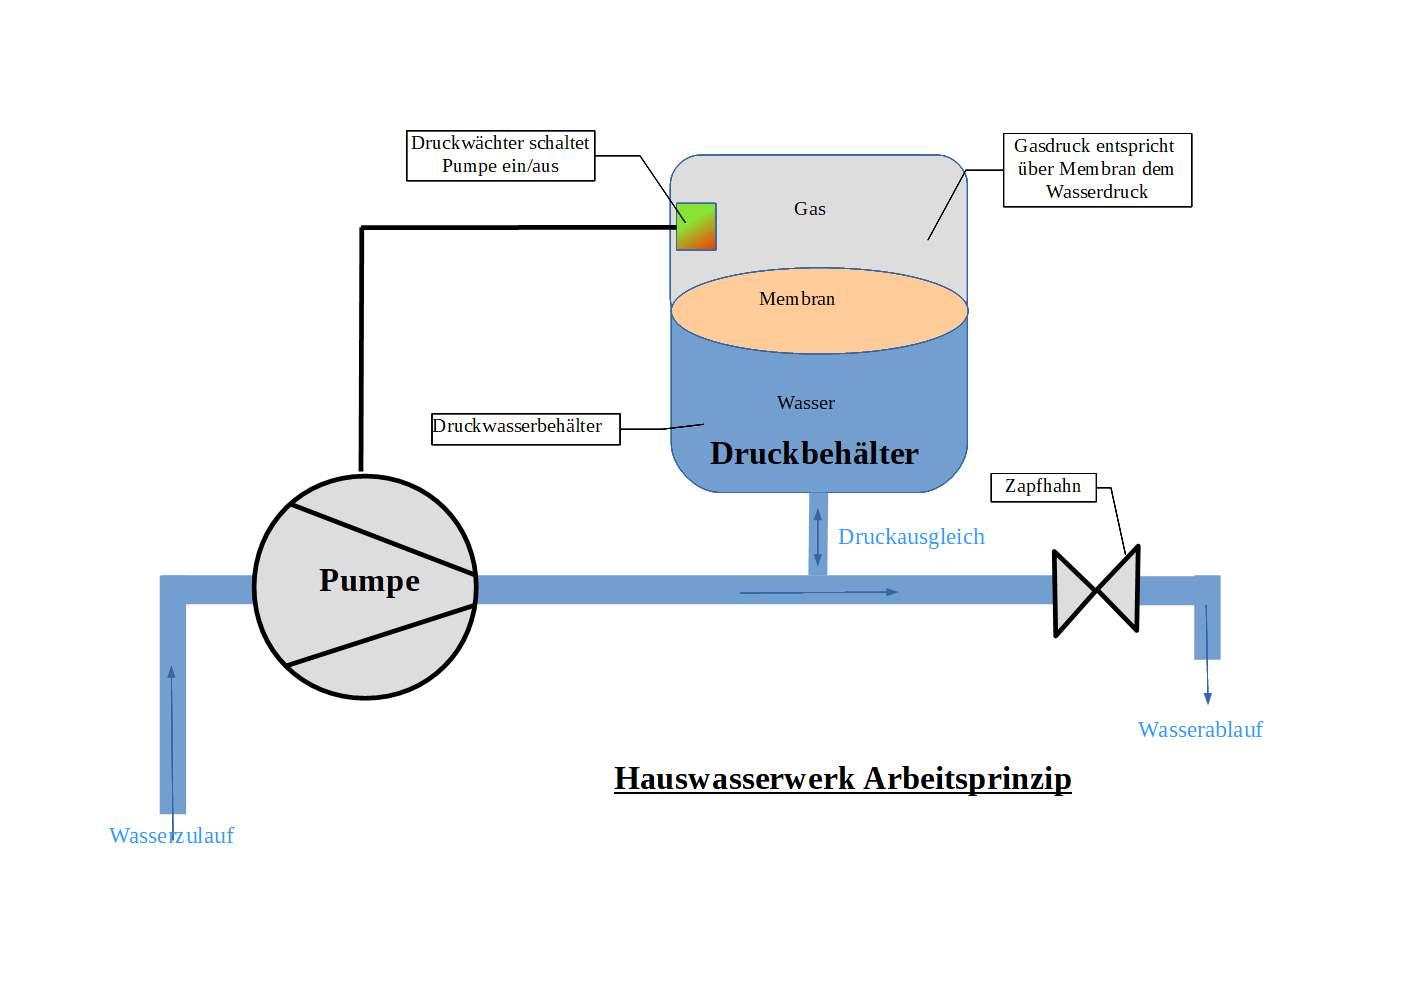 Hauswasserwerk Funktionsweise.